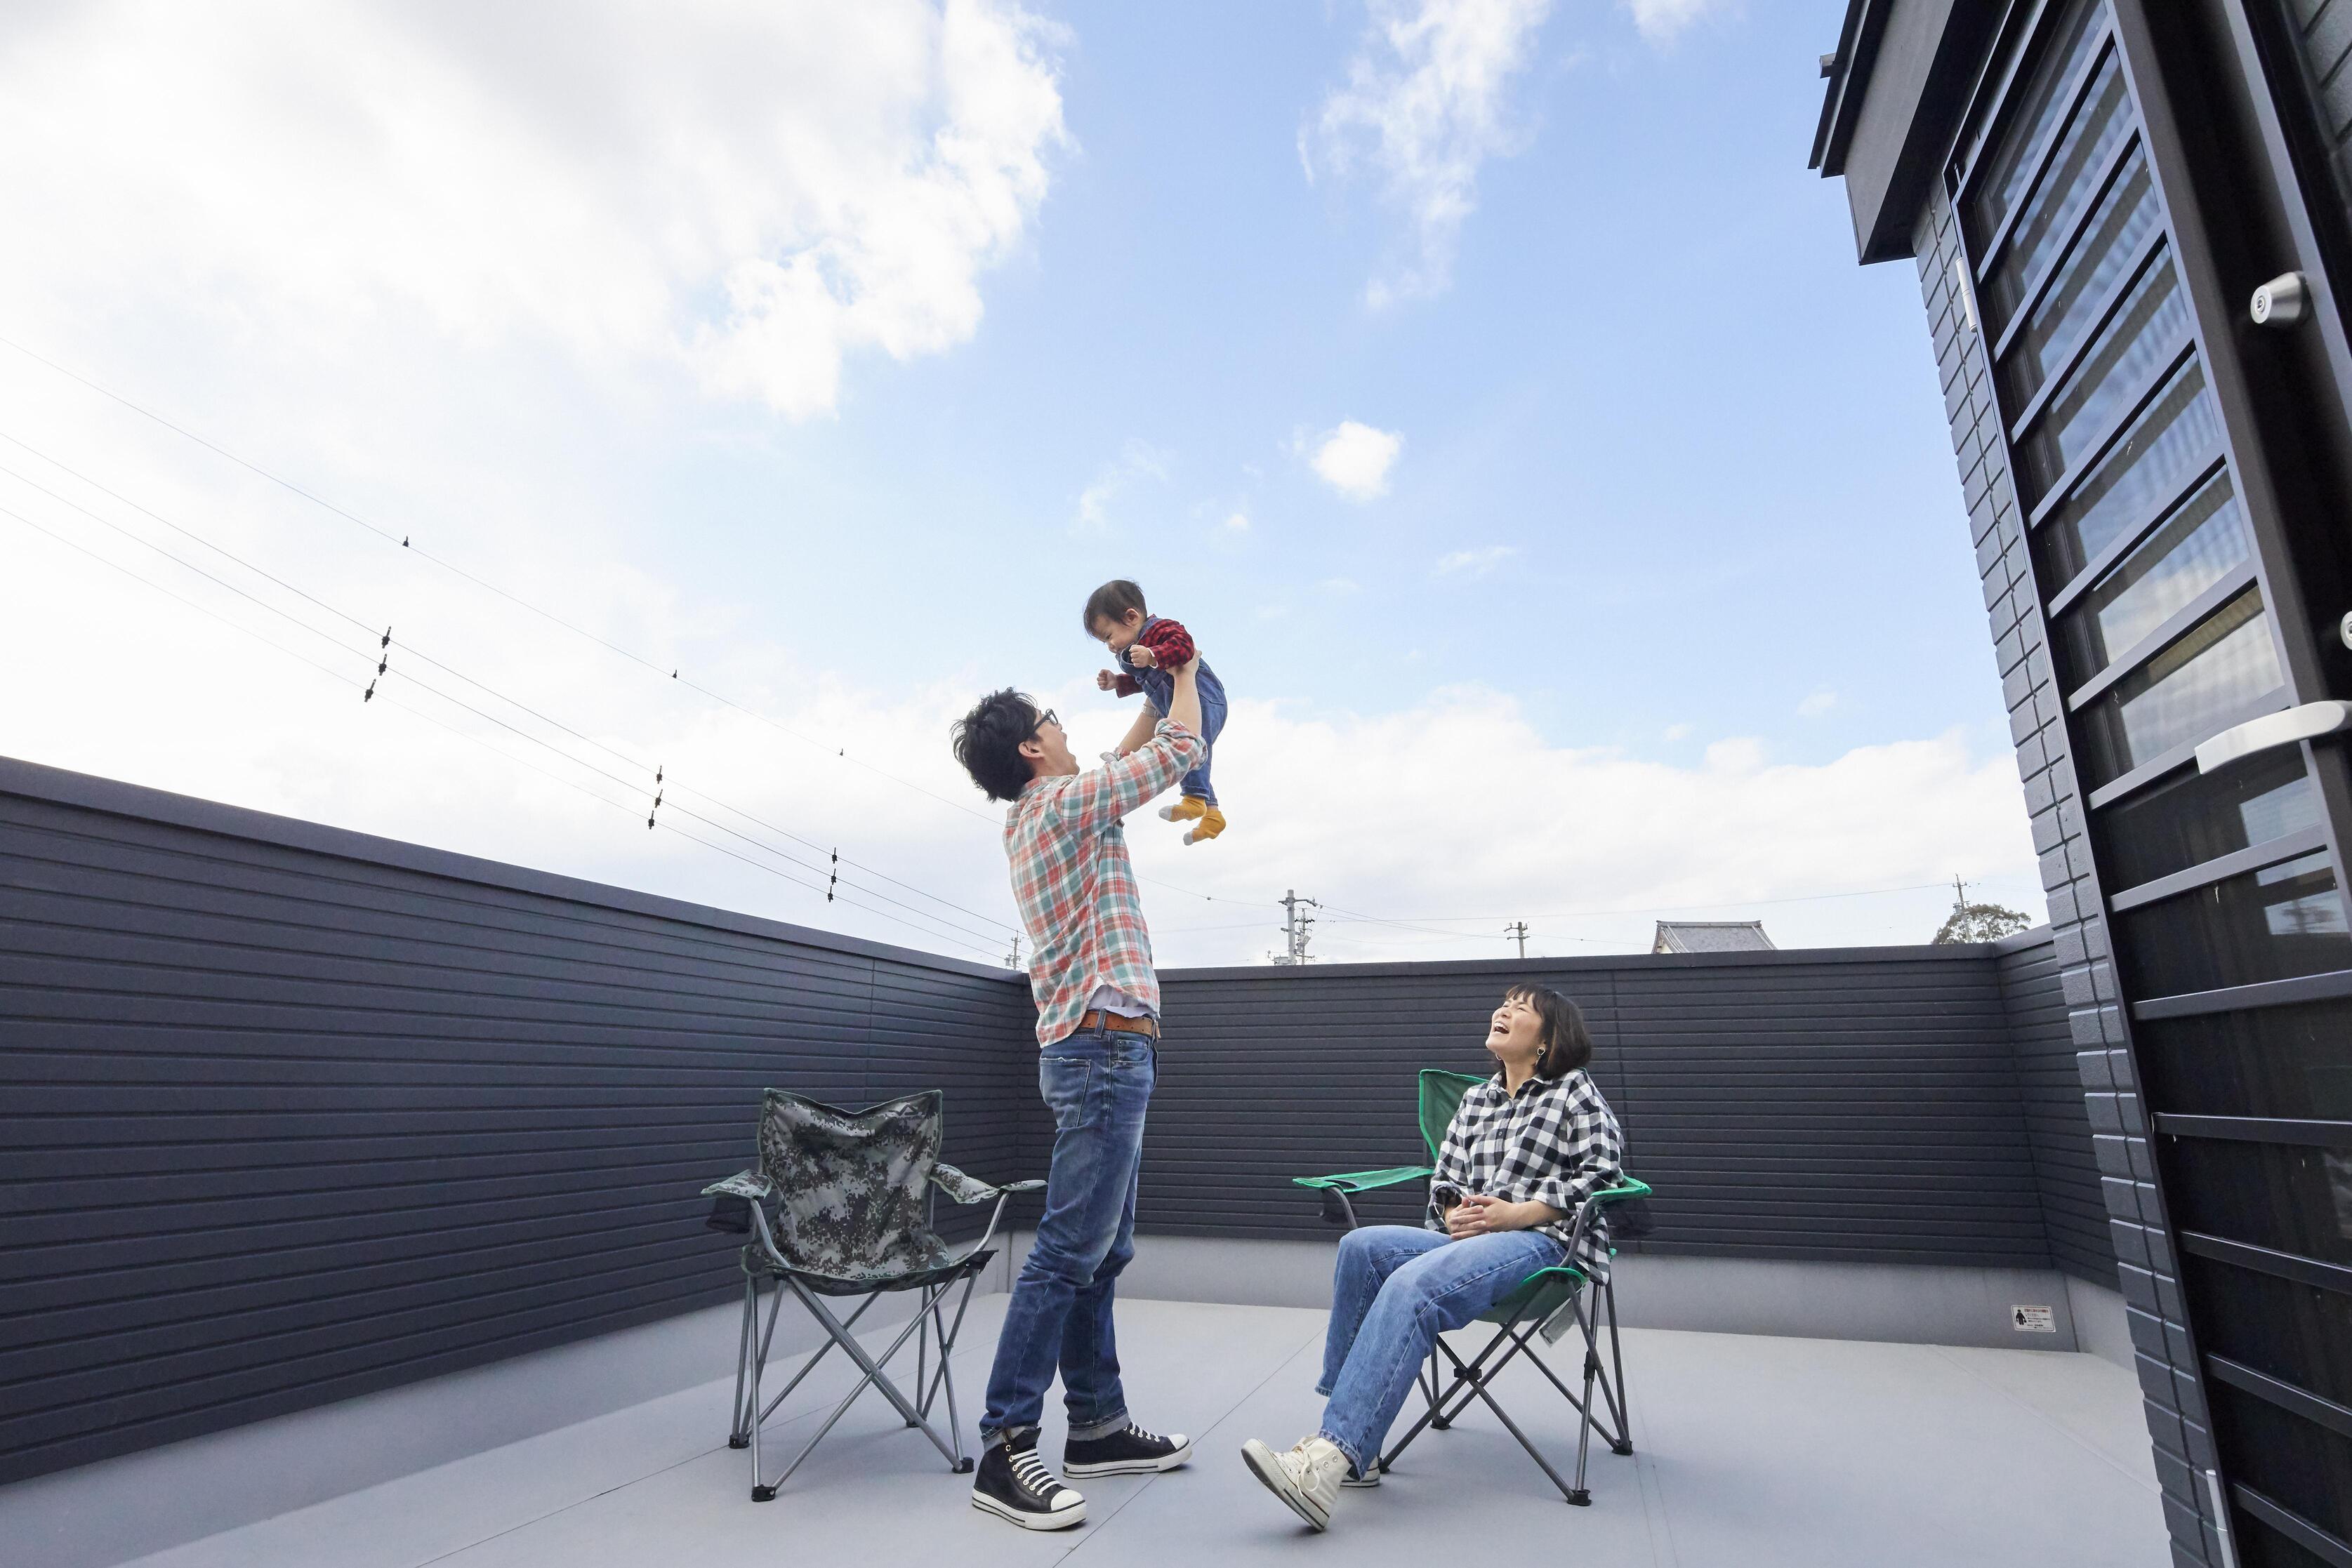 子どもの遊び場としても、家族団らんのスペースとしても活用できる屋上は、家族だけ特別な外空間